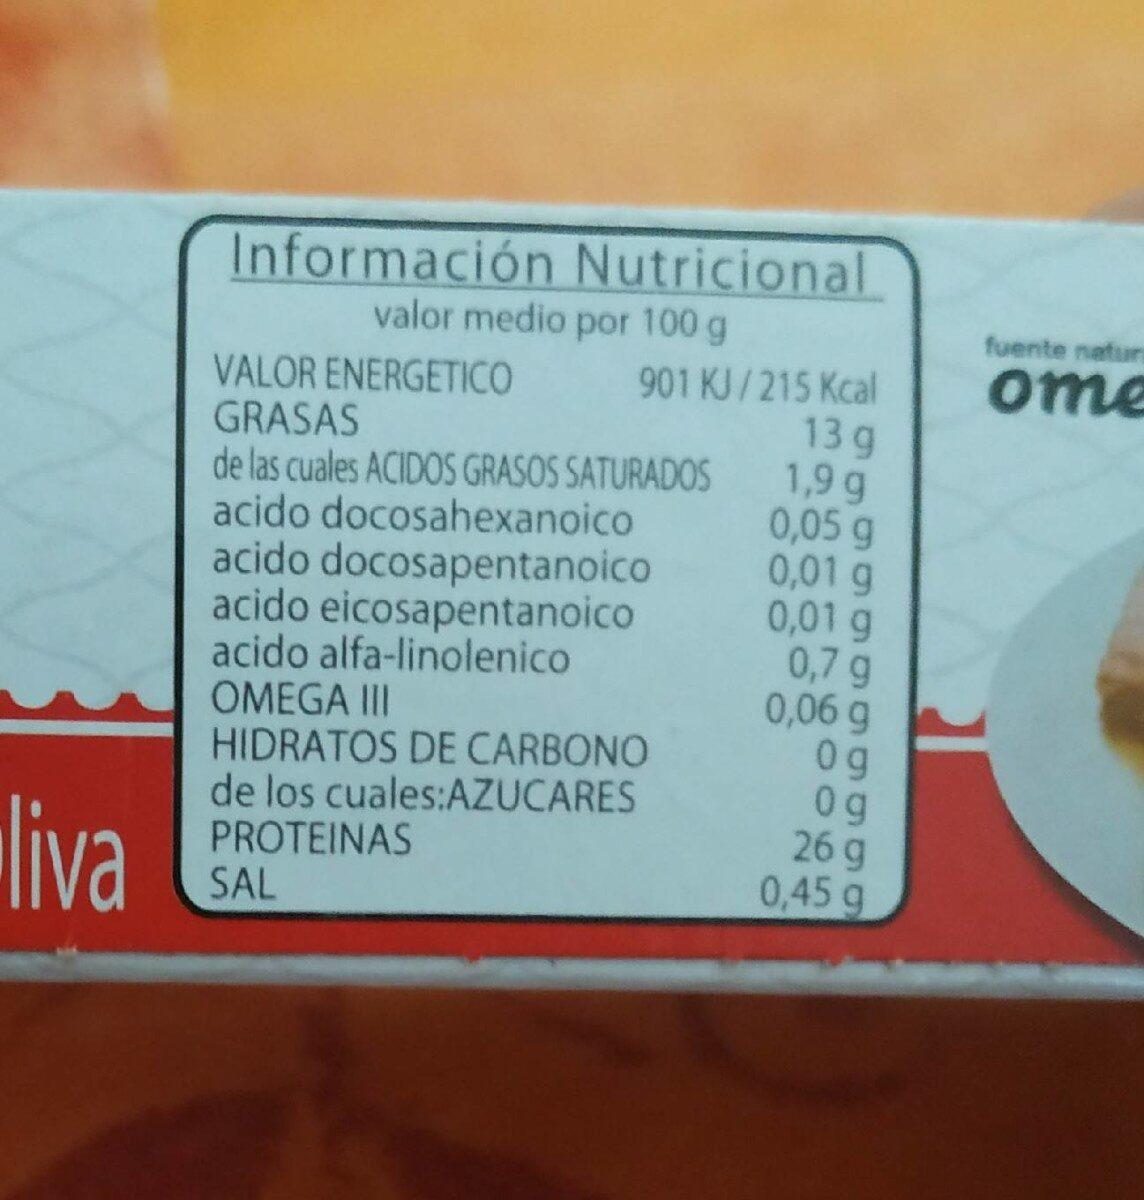 Filets de thon à l'huile d'olive espagnol - Informations nutritionnelles - fr